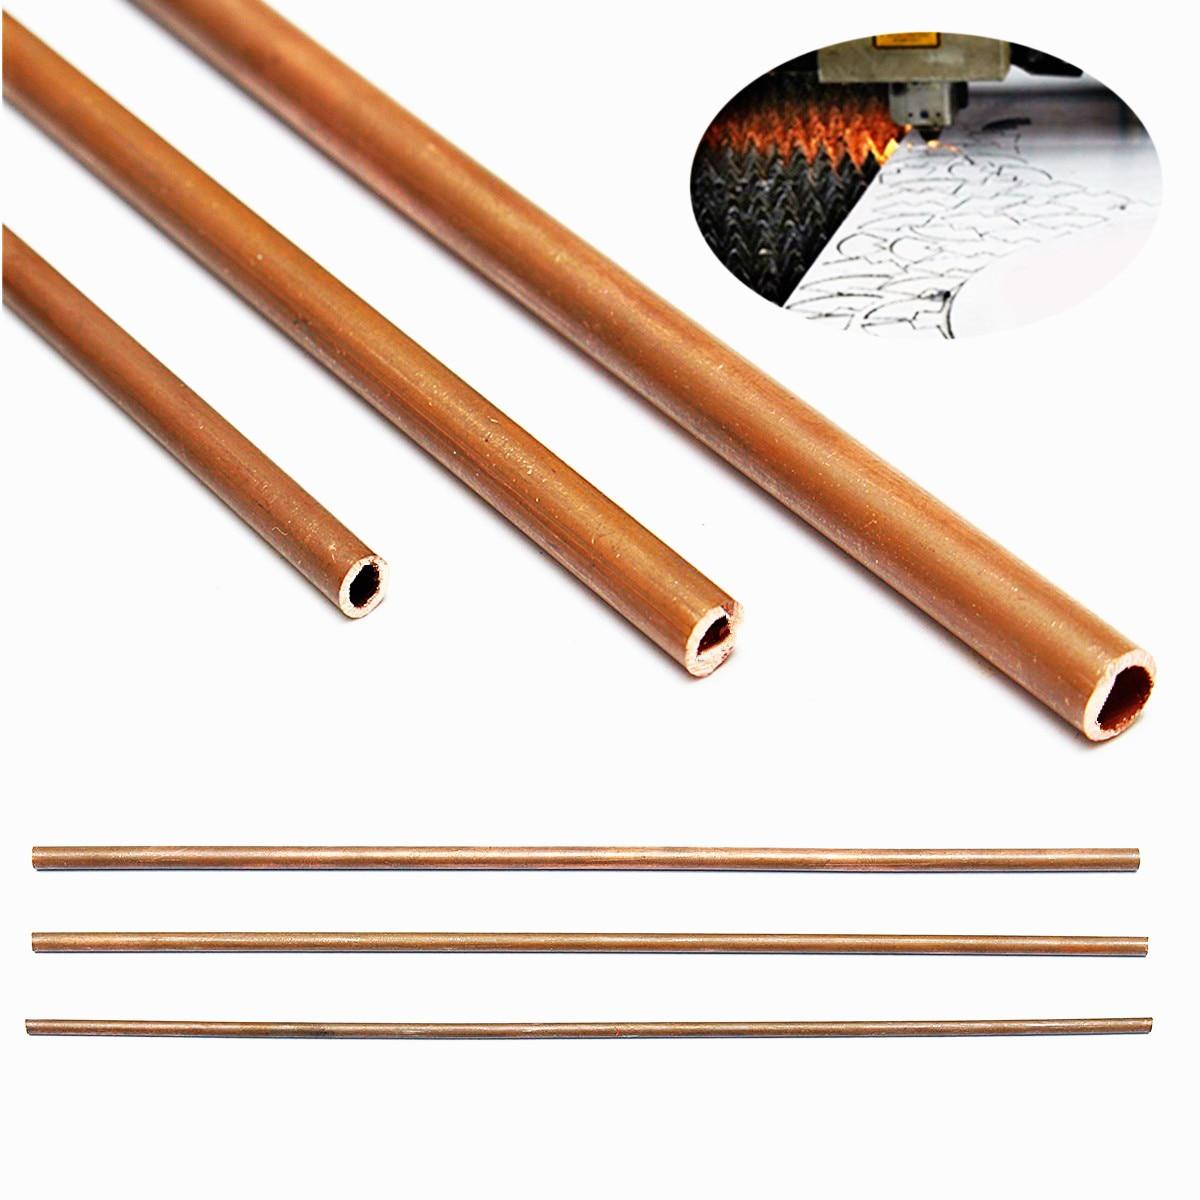 High Quality Copper Tube Plumbing Pipe/Tube DIY Rod 3mm/4mm/5mm/6mm/7mm-18mm Inner Diameter 200mm-1000mm Length